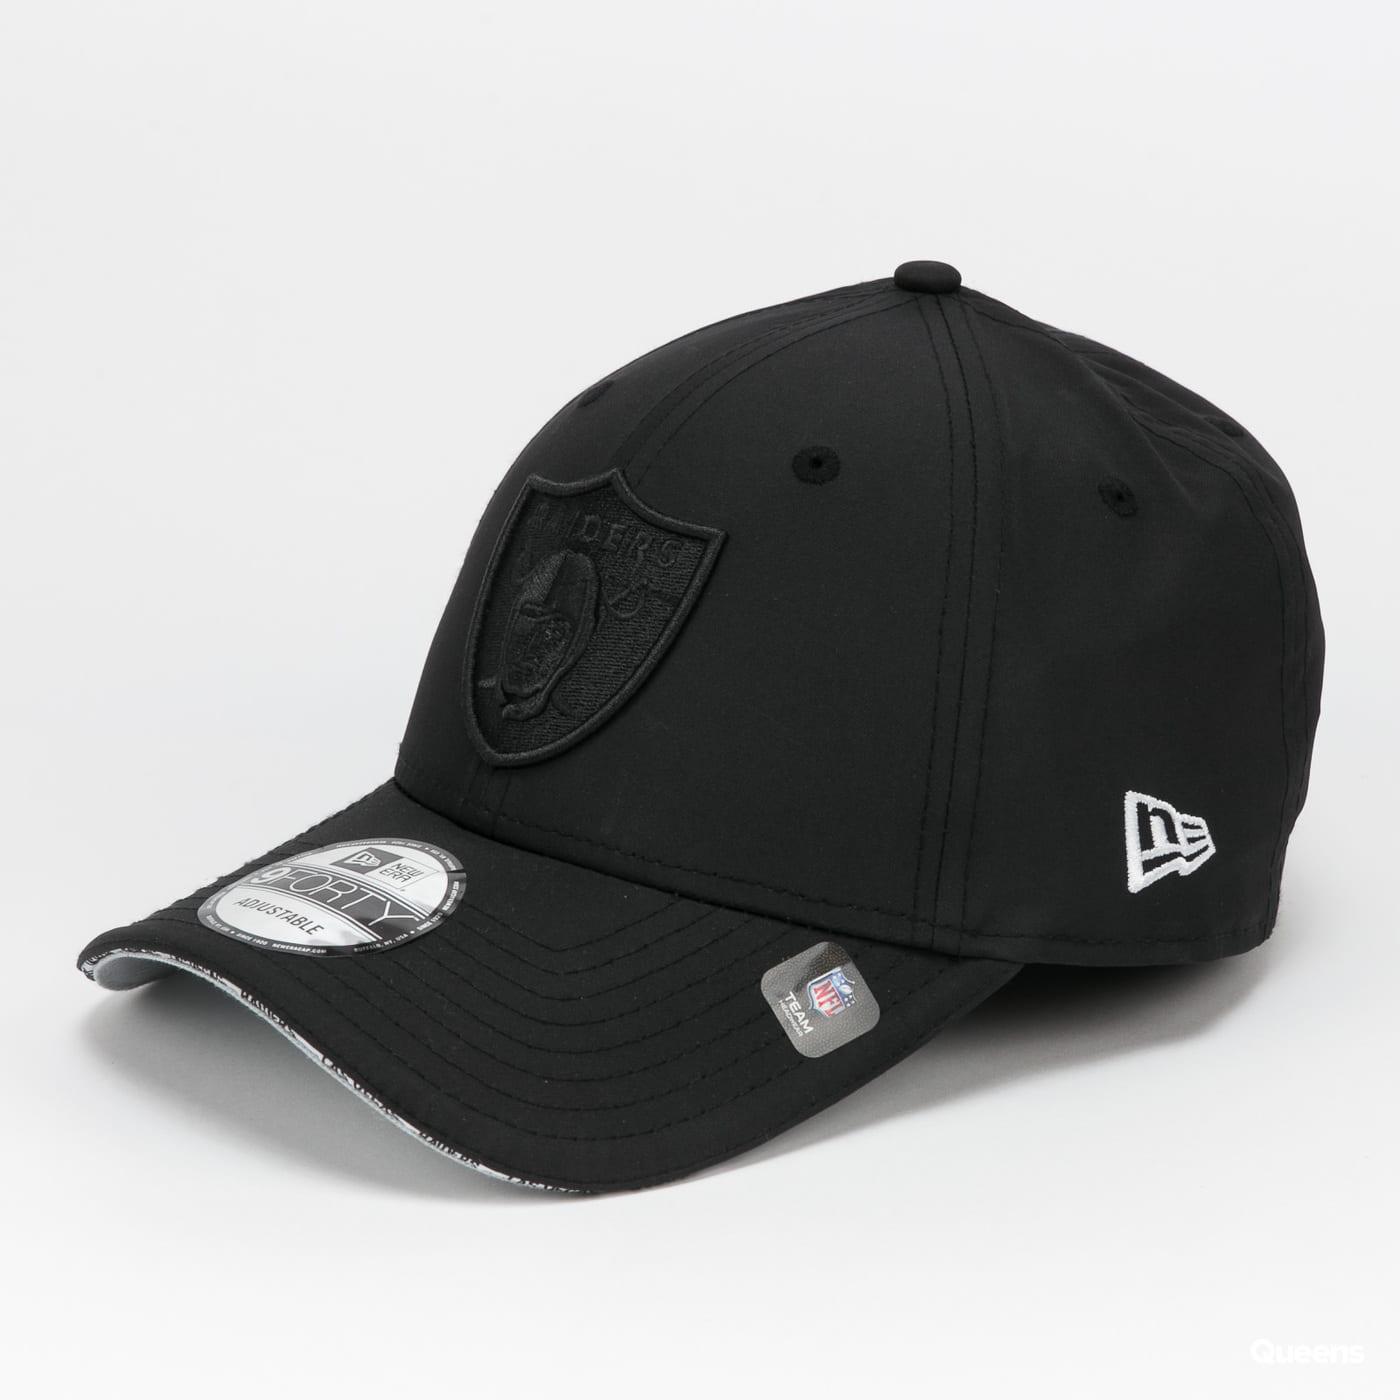 New Era 940 NFL Pipe Pop Raiders černá / šedá